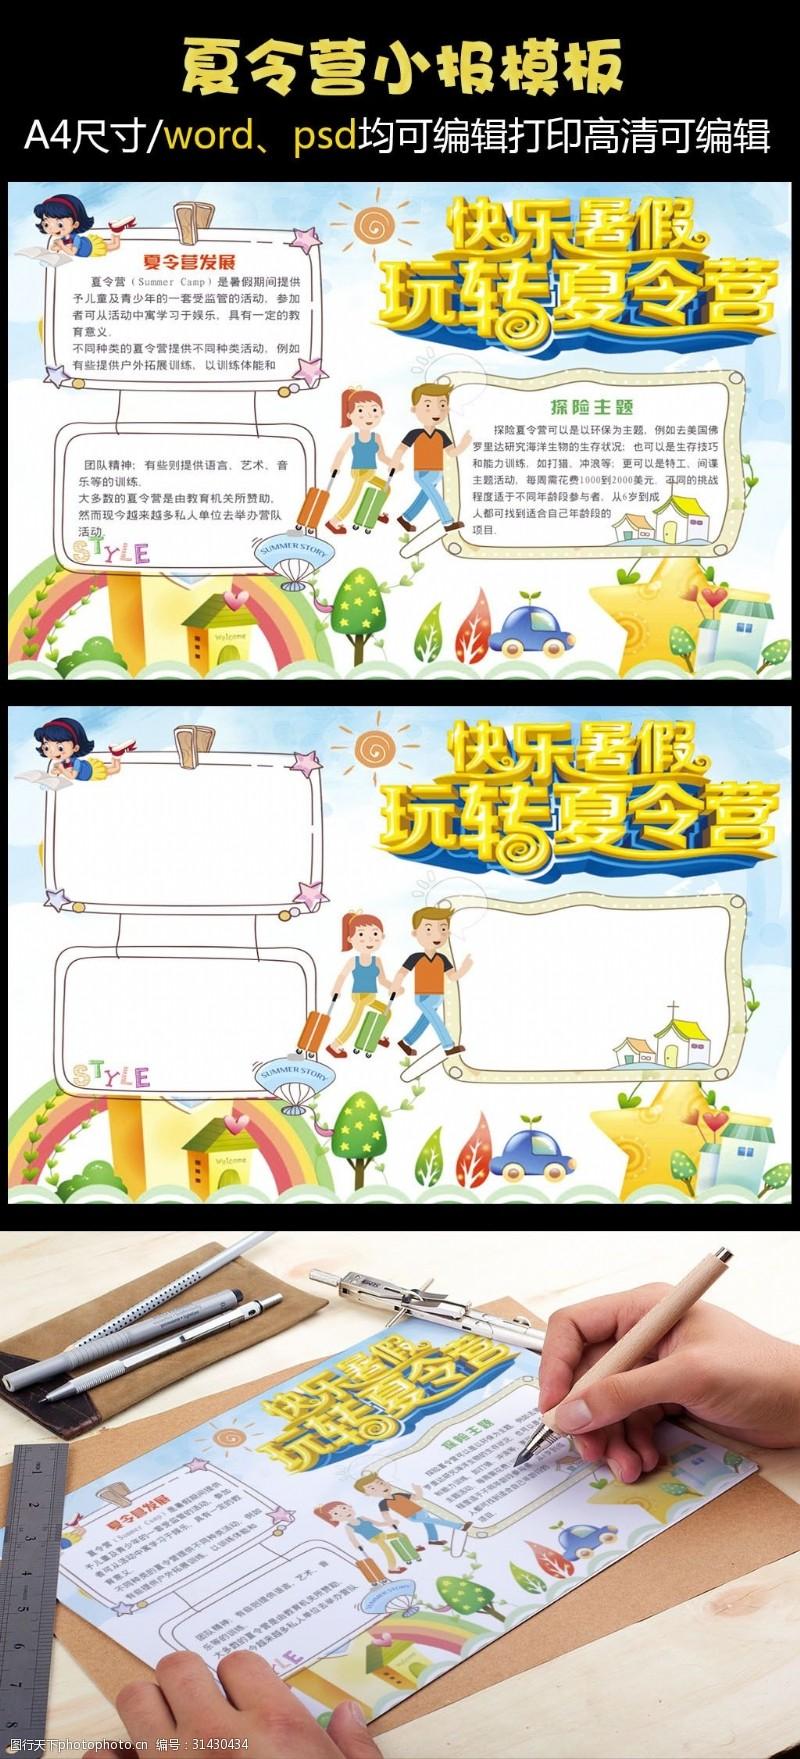 夏令營手抄報卡通夏令營電子手抄報設計模板